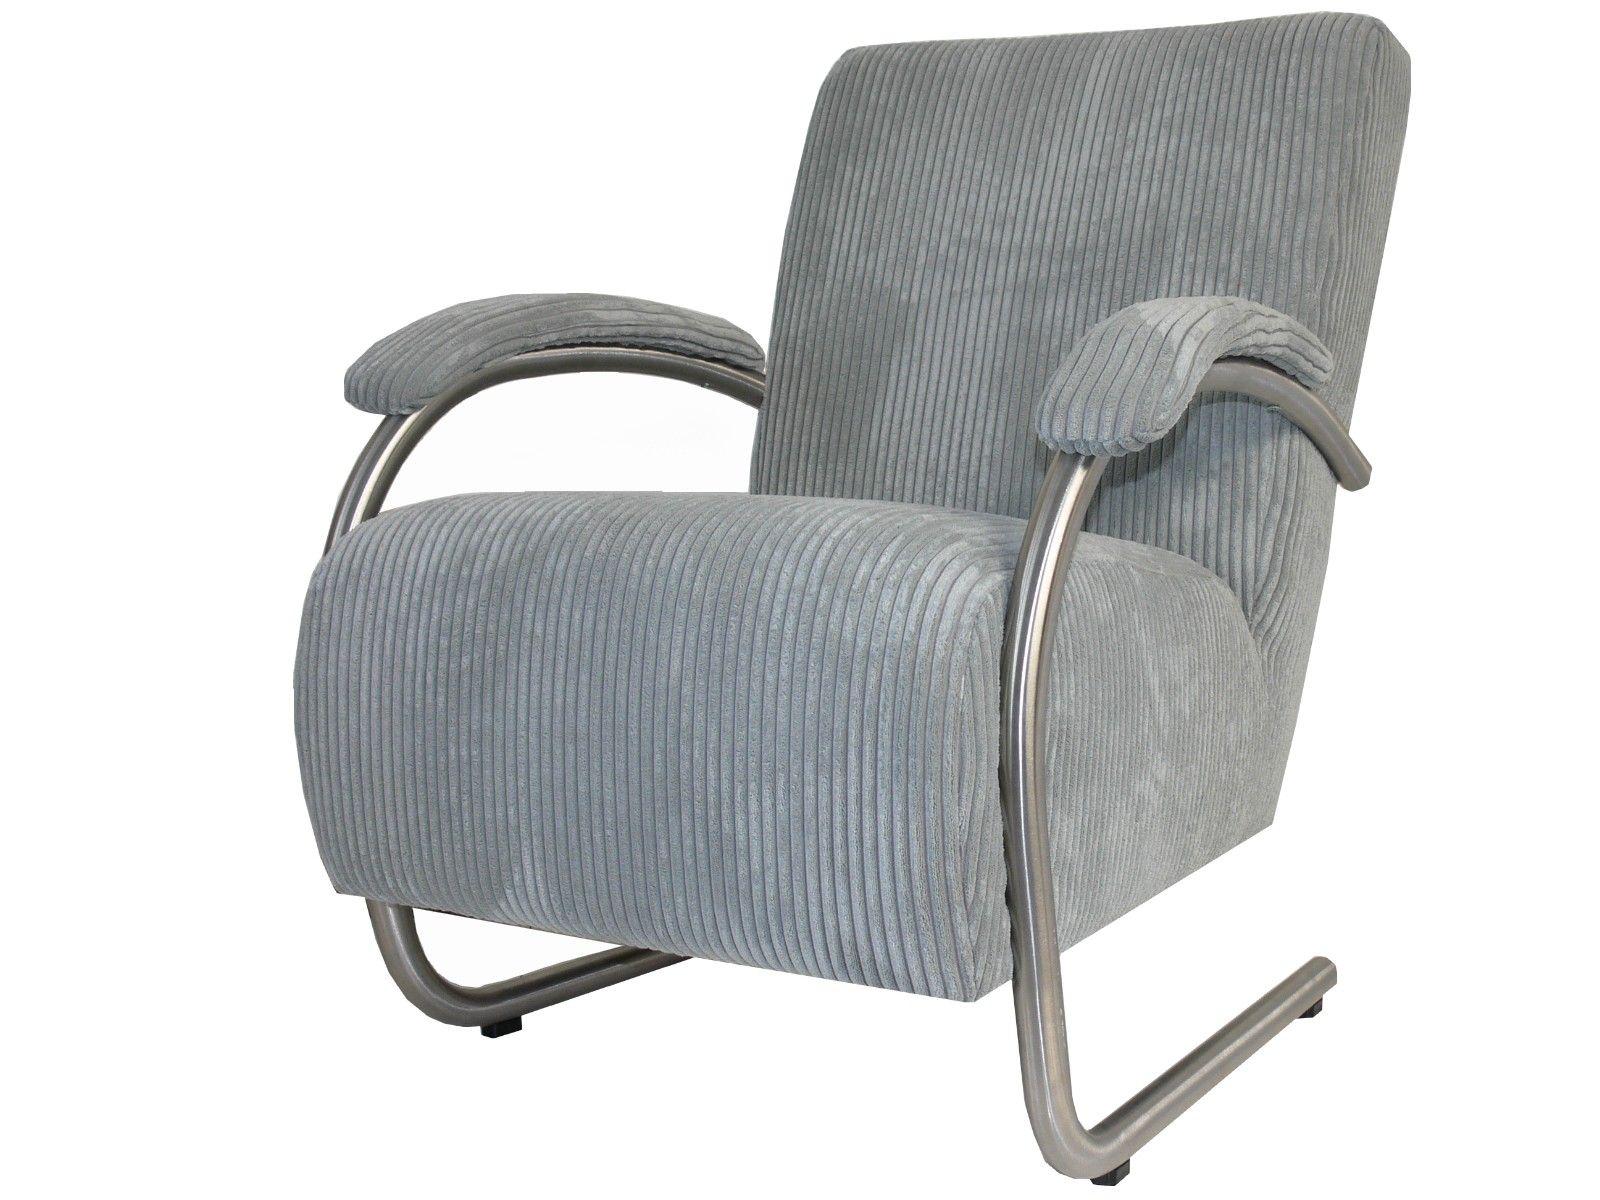 Moderne Comfortabele Fauteuil.Moderne Fauteuil Vegas Met Ronder Armleuningen Van Rvs